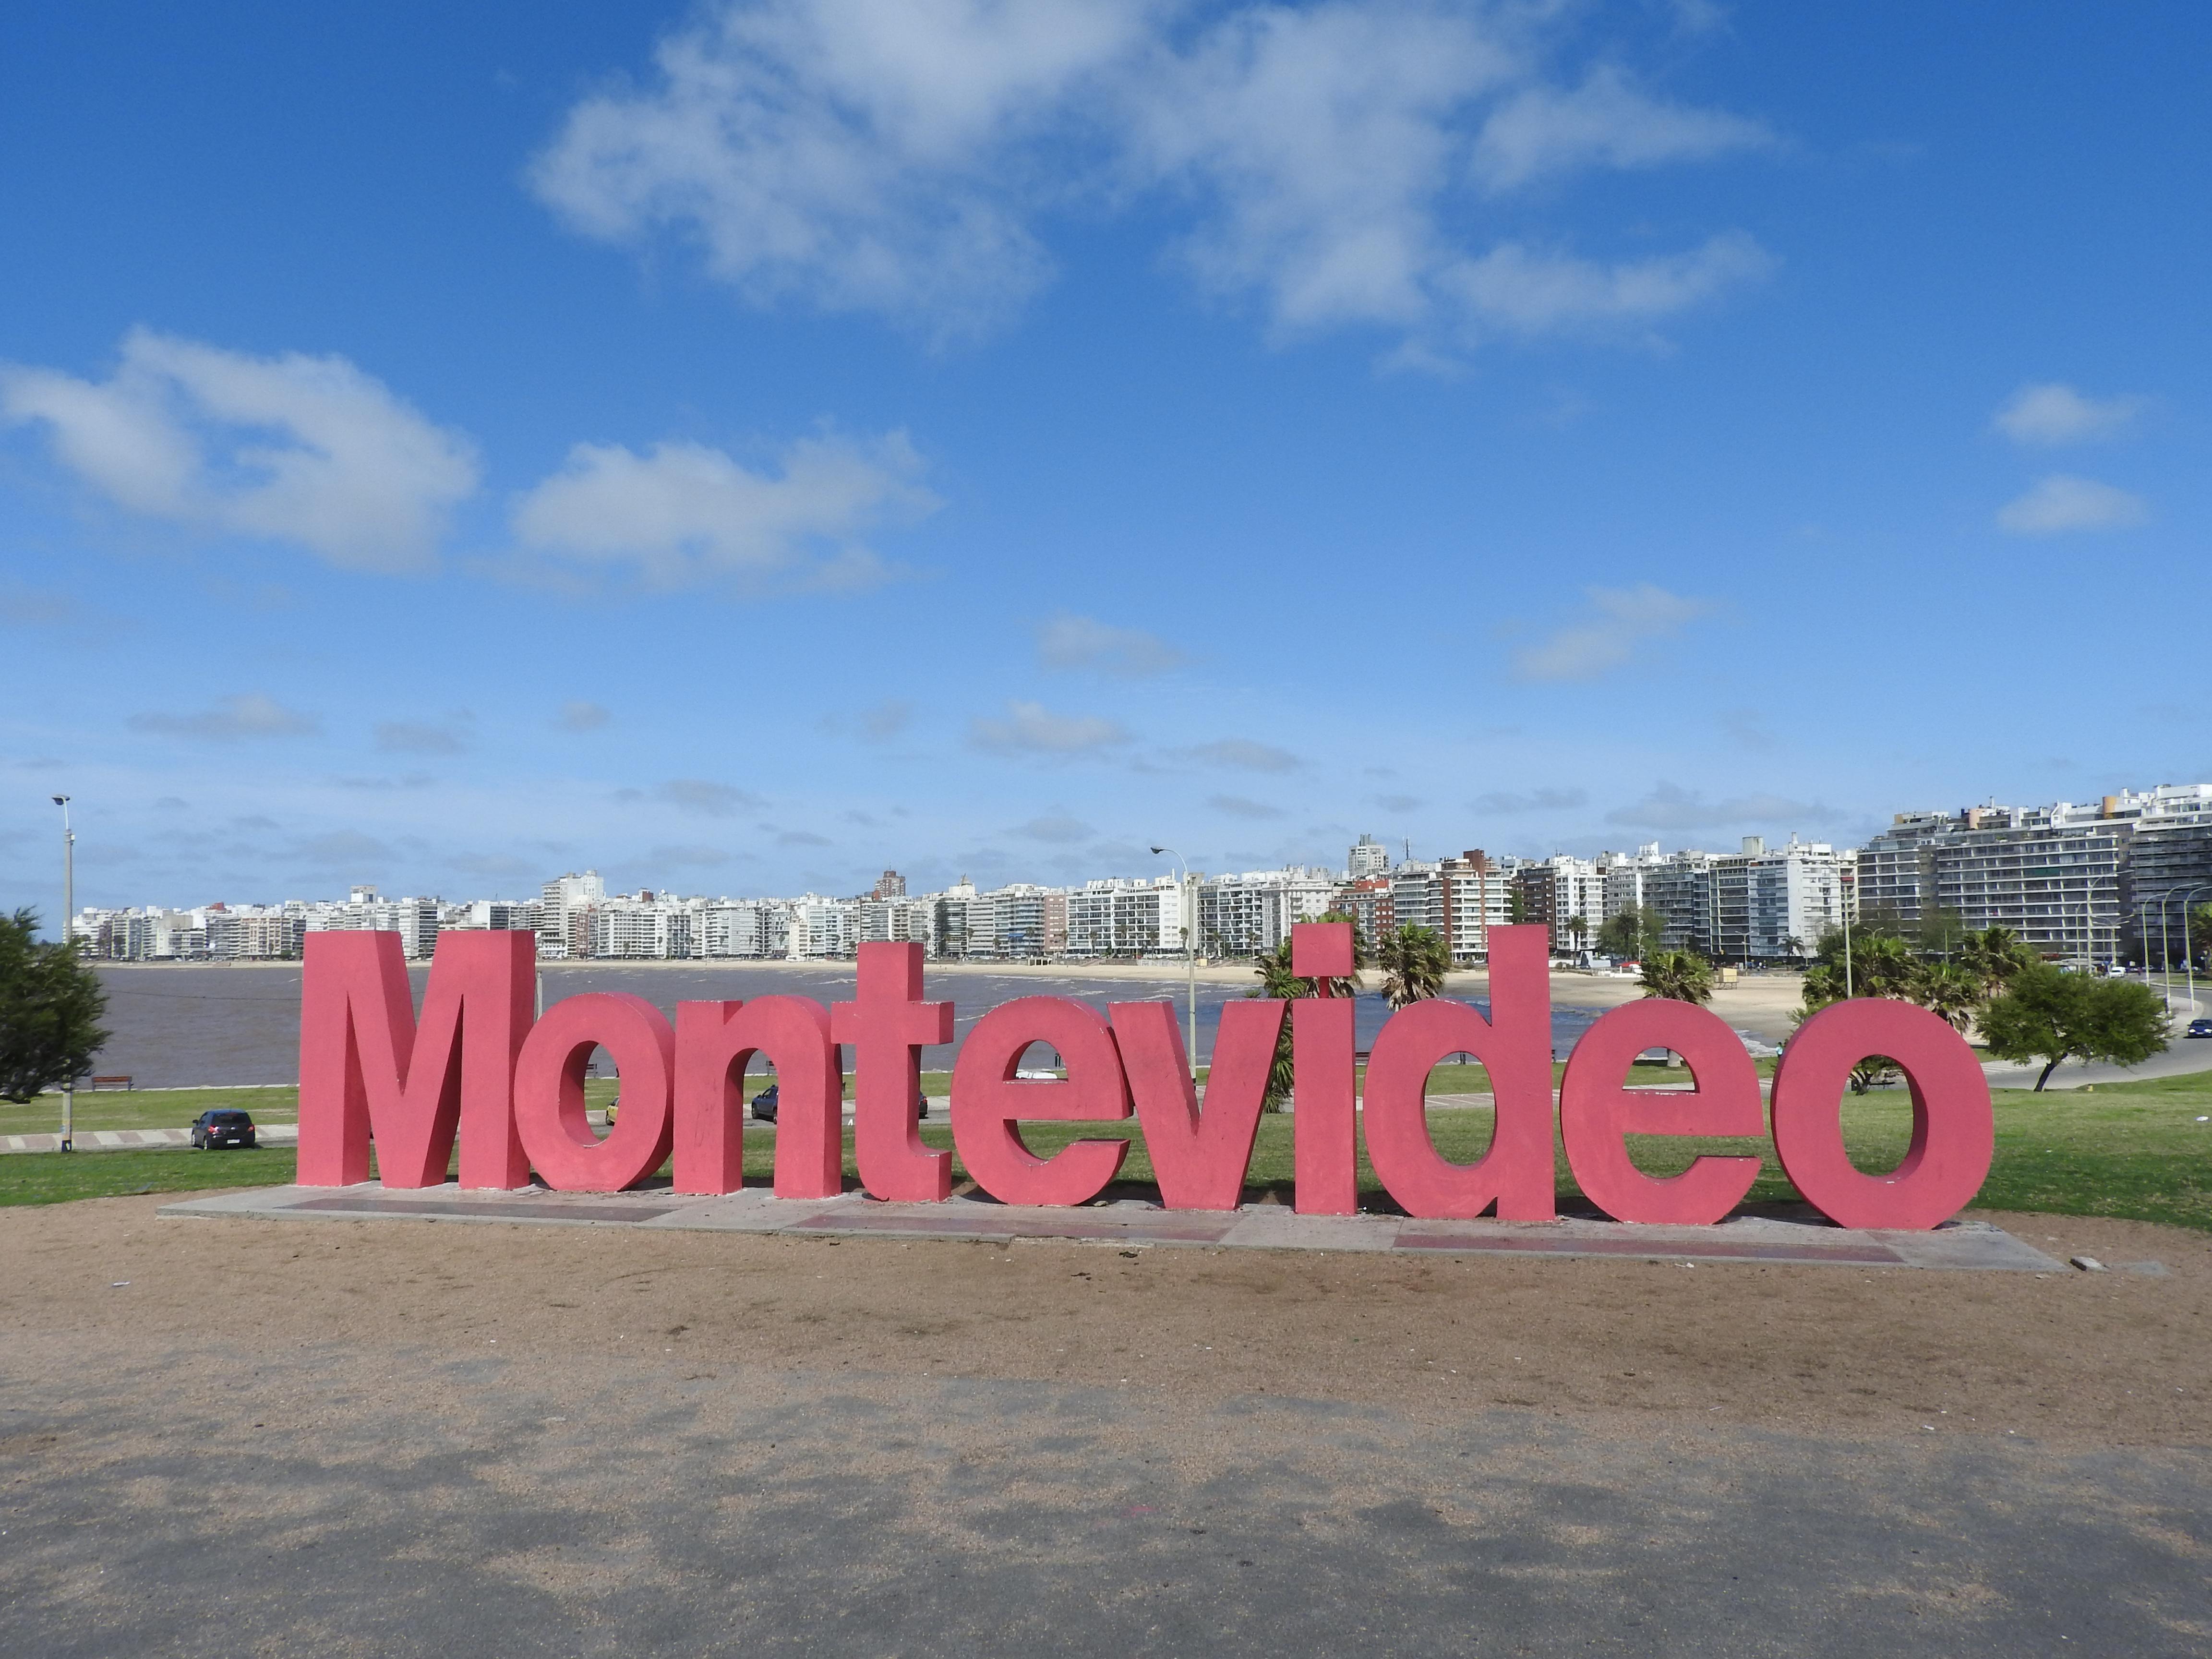 Montevidéu, Punta del Este e Colonia: um tour pelo Uruguai